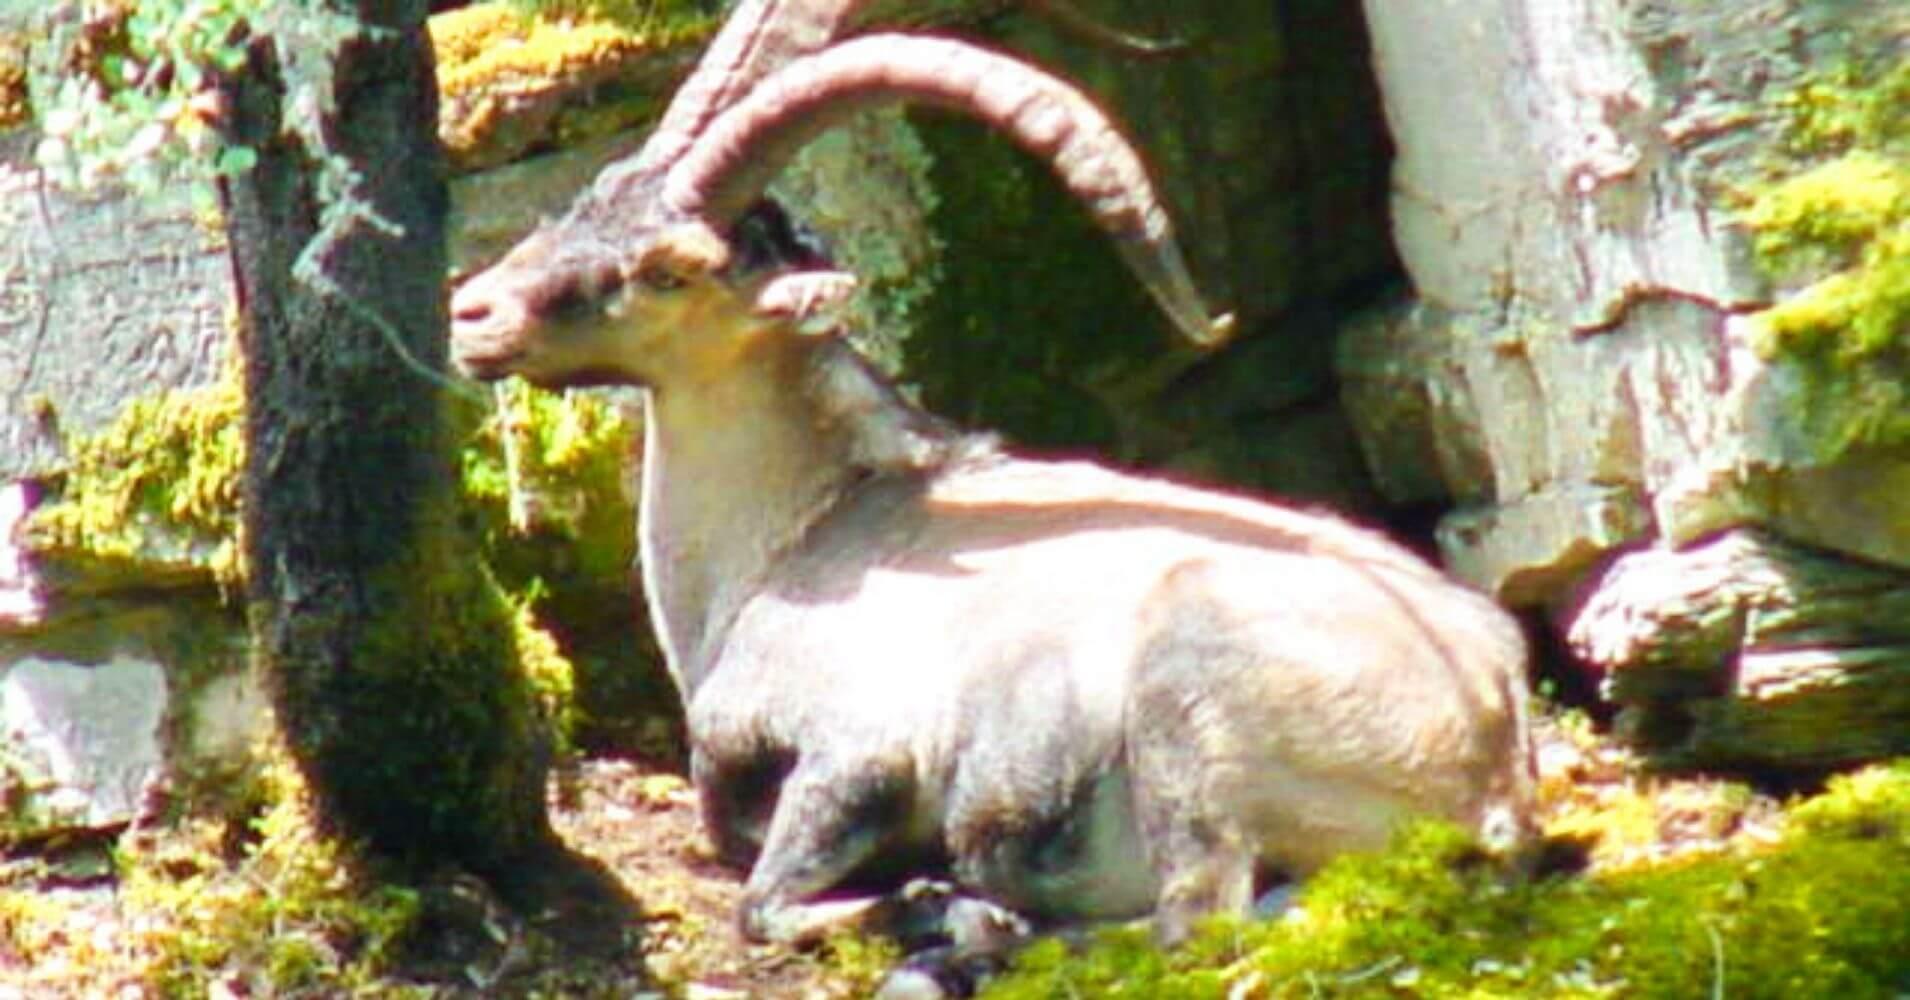 Cabra Hispánica del Valle de Las Batuecas. Parque Natural Batuecas Sierra de Francia. Salamanca, Castilla y León.